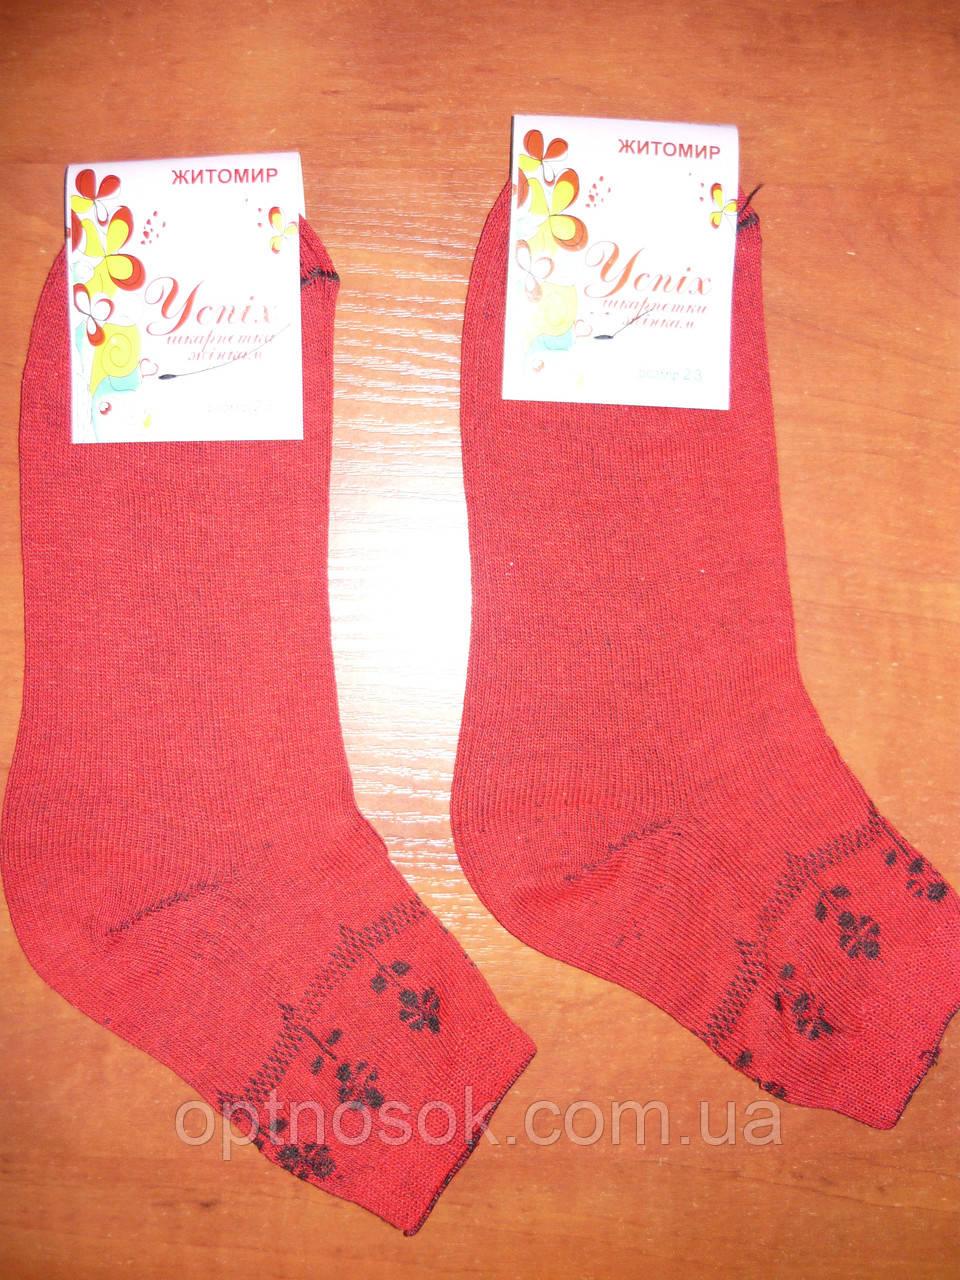 Женские носки Успех. Р. 23. Красный.